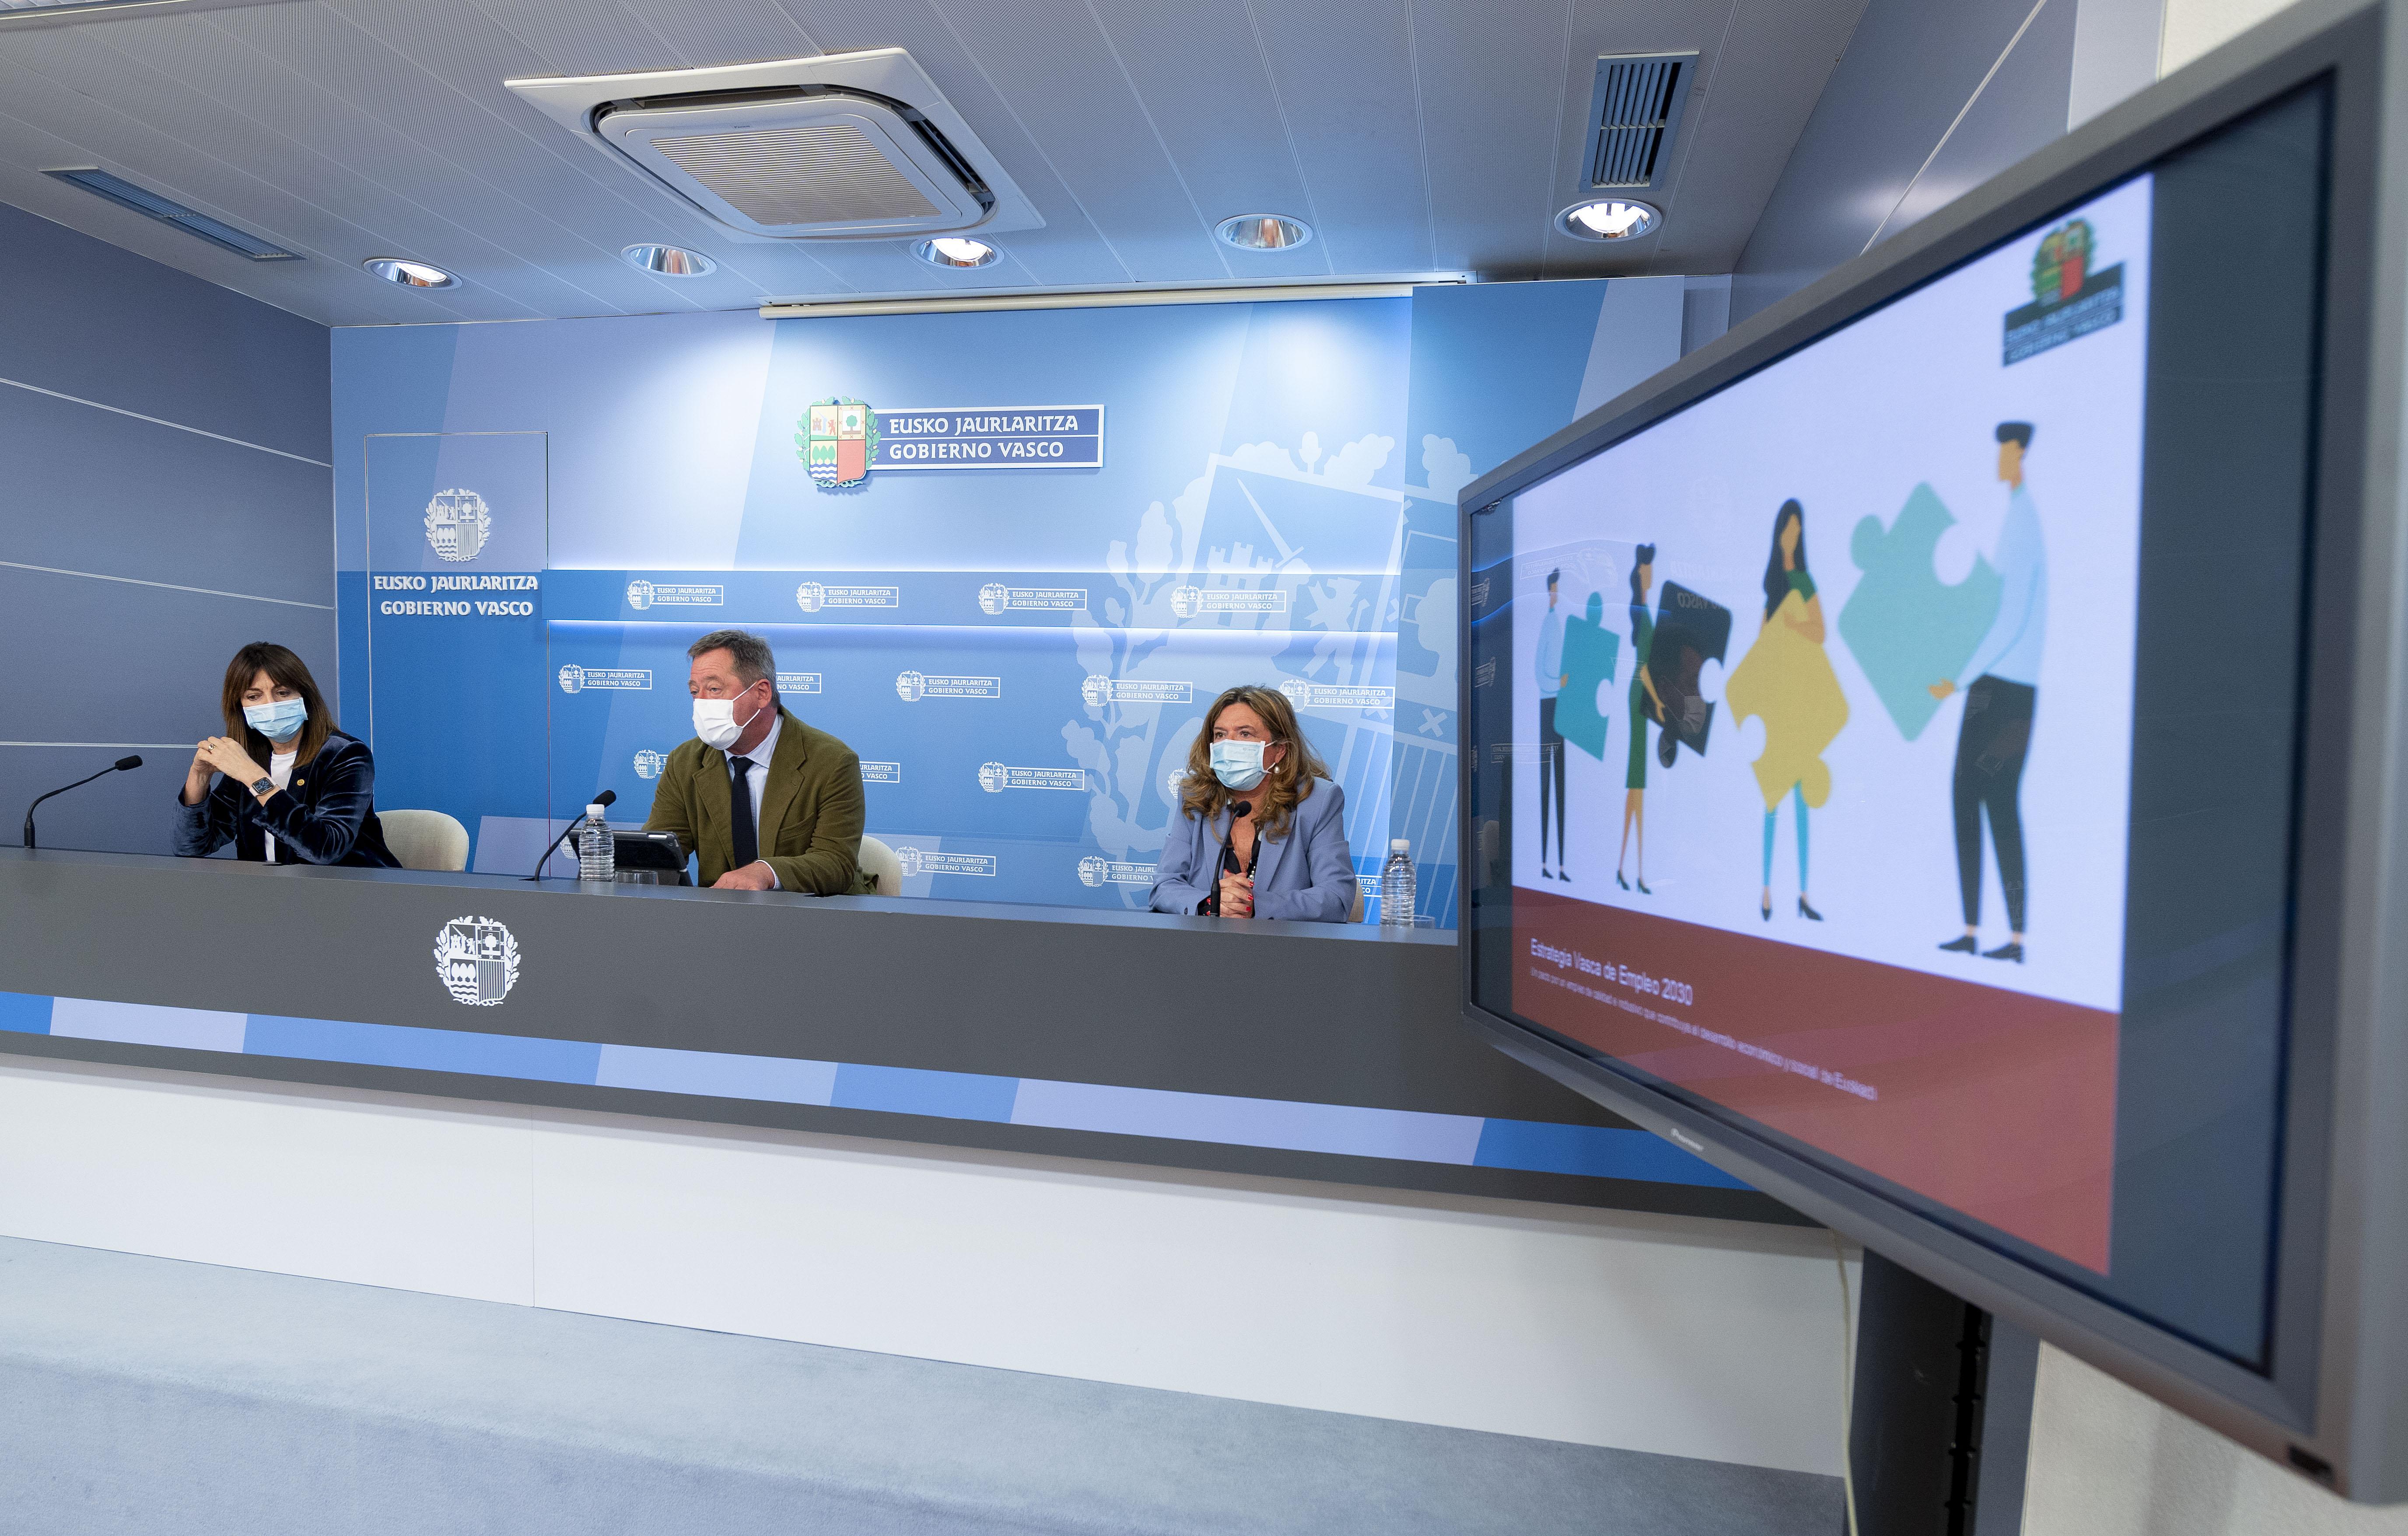 El Gobierno Vasco aprueba la Estrategia Vasca de Empleo 2030, que incluye el derecho subjetivo a las políticas activas [63:32]